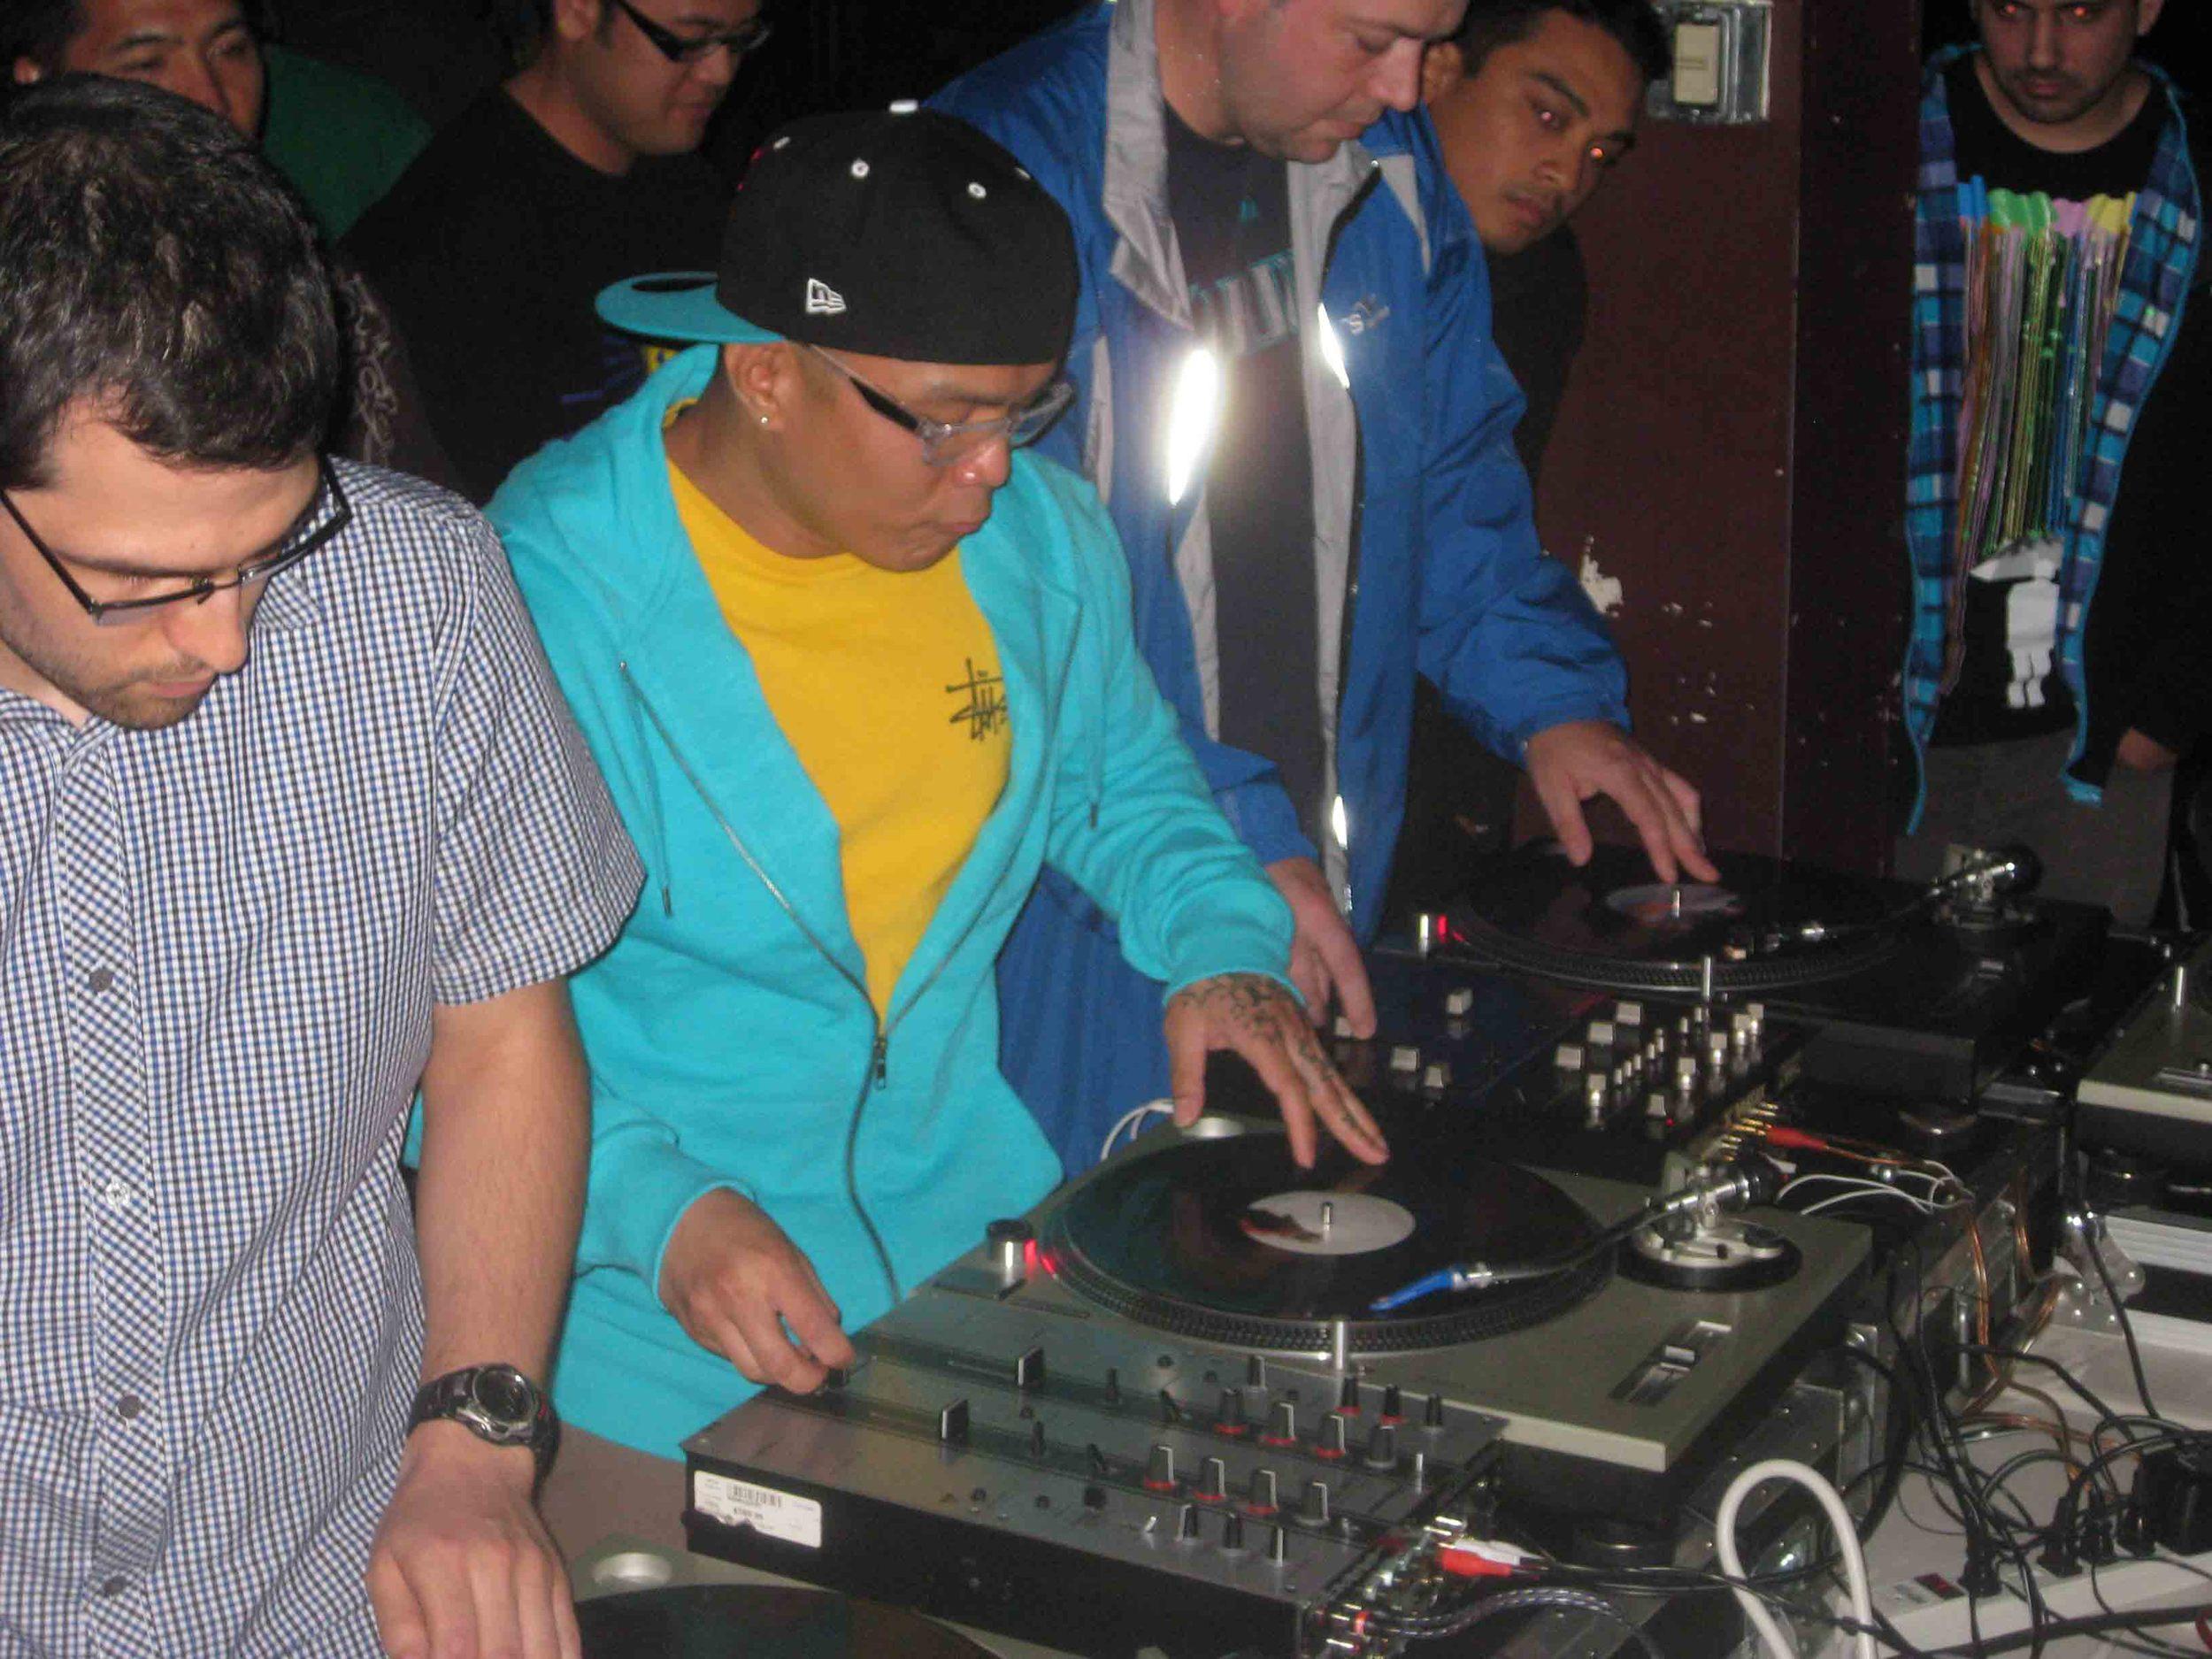 2011_07_07_Skratch Lounge (02).jpg